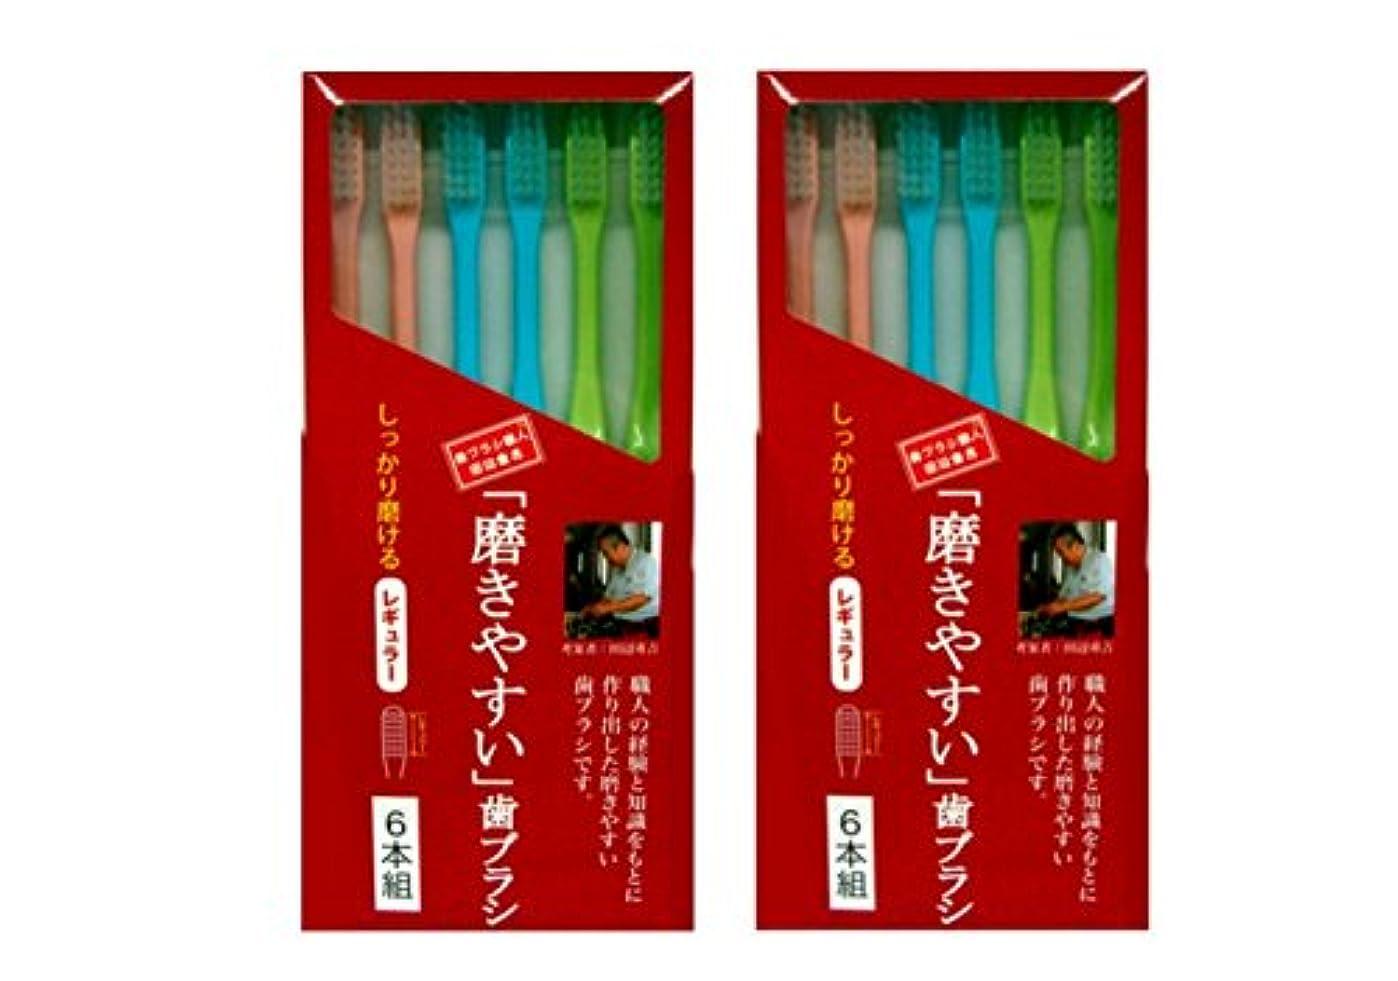 道優越エレクトロニック磨きやすい歯ブラシ 6本組 レギュラータイプ×2個セット